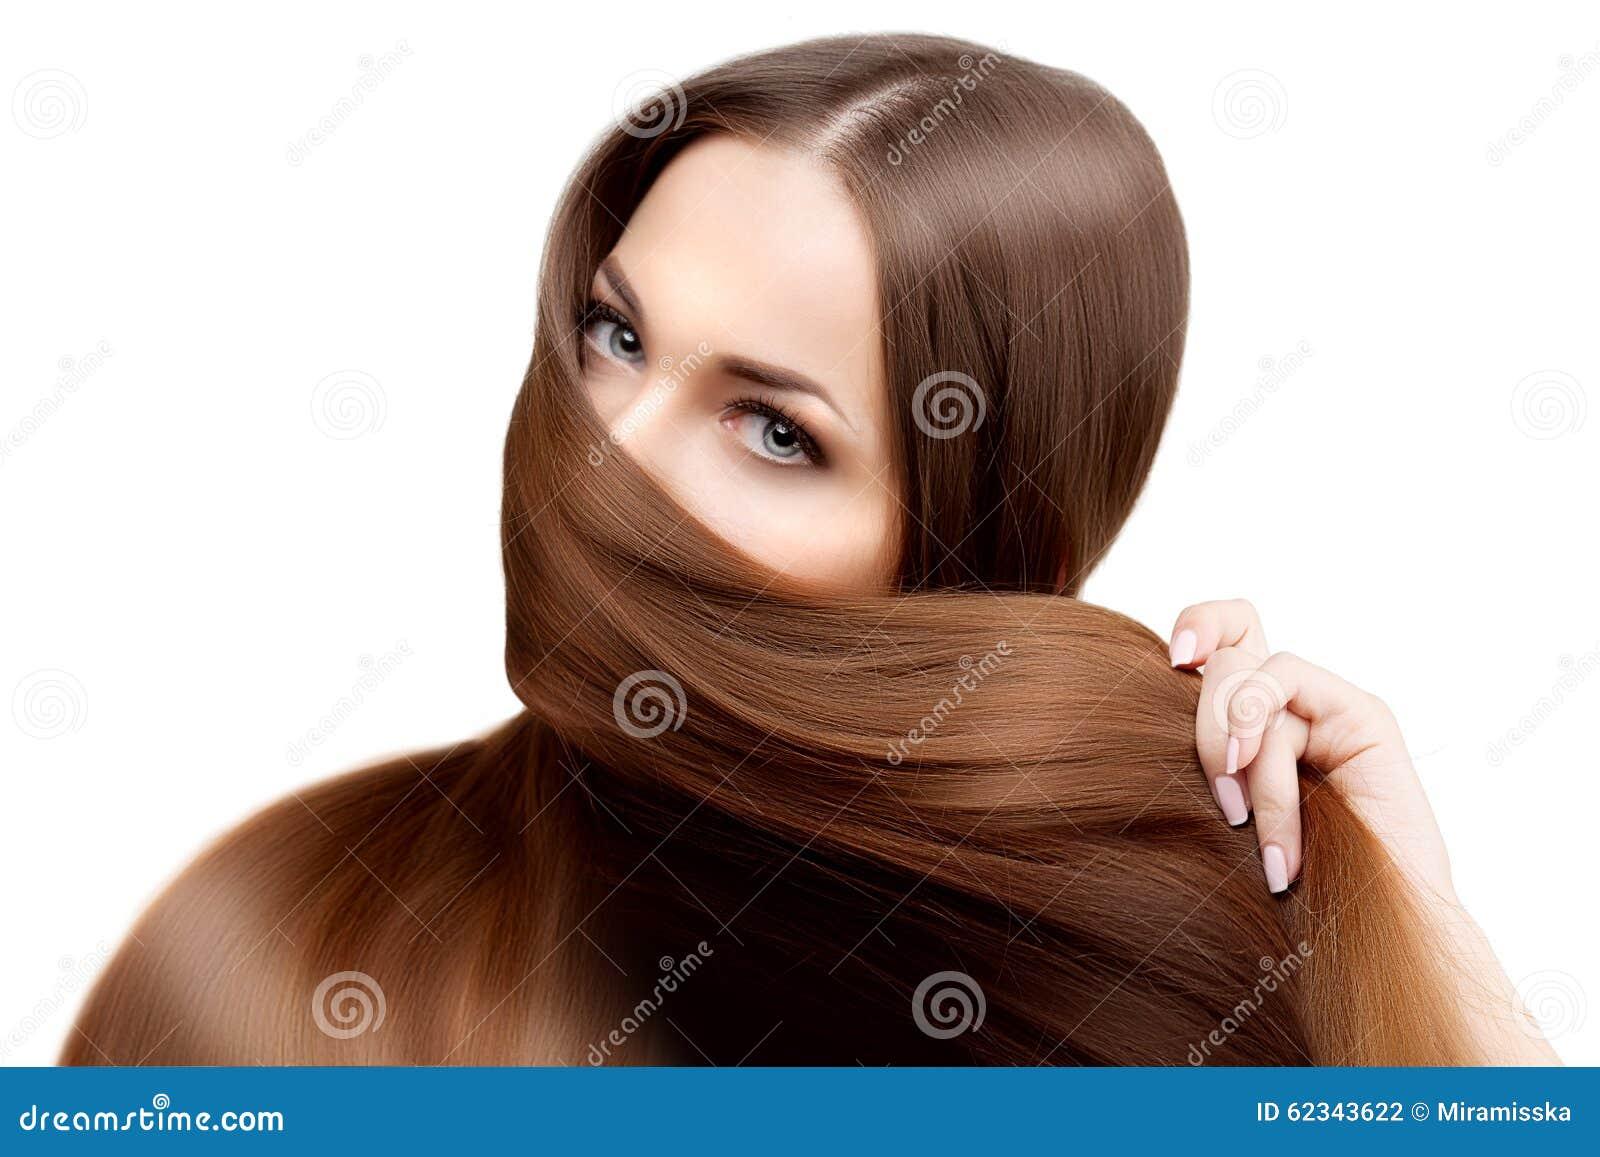 Long cheveu coiffure Salon de coiffure Mannequin avec les cheveux brillants